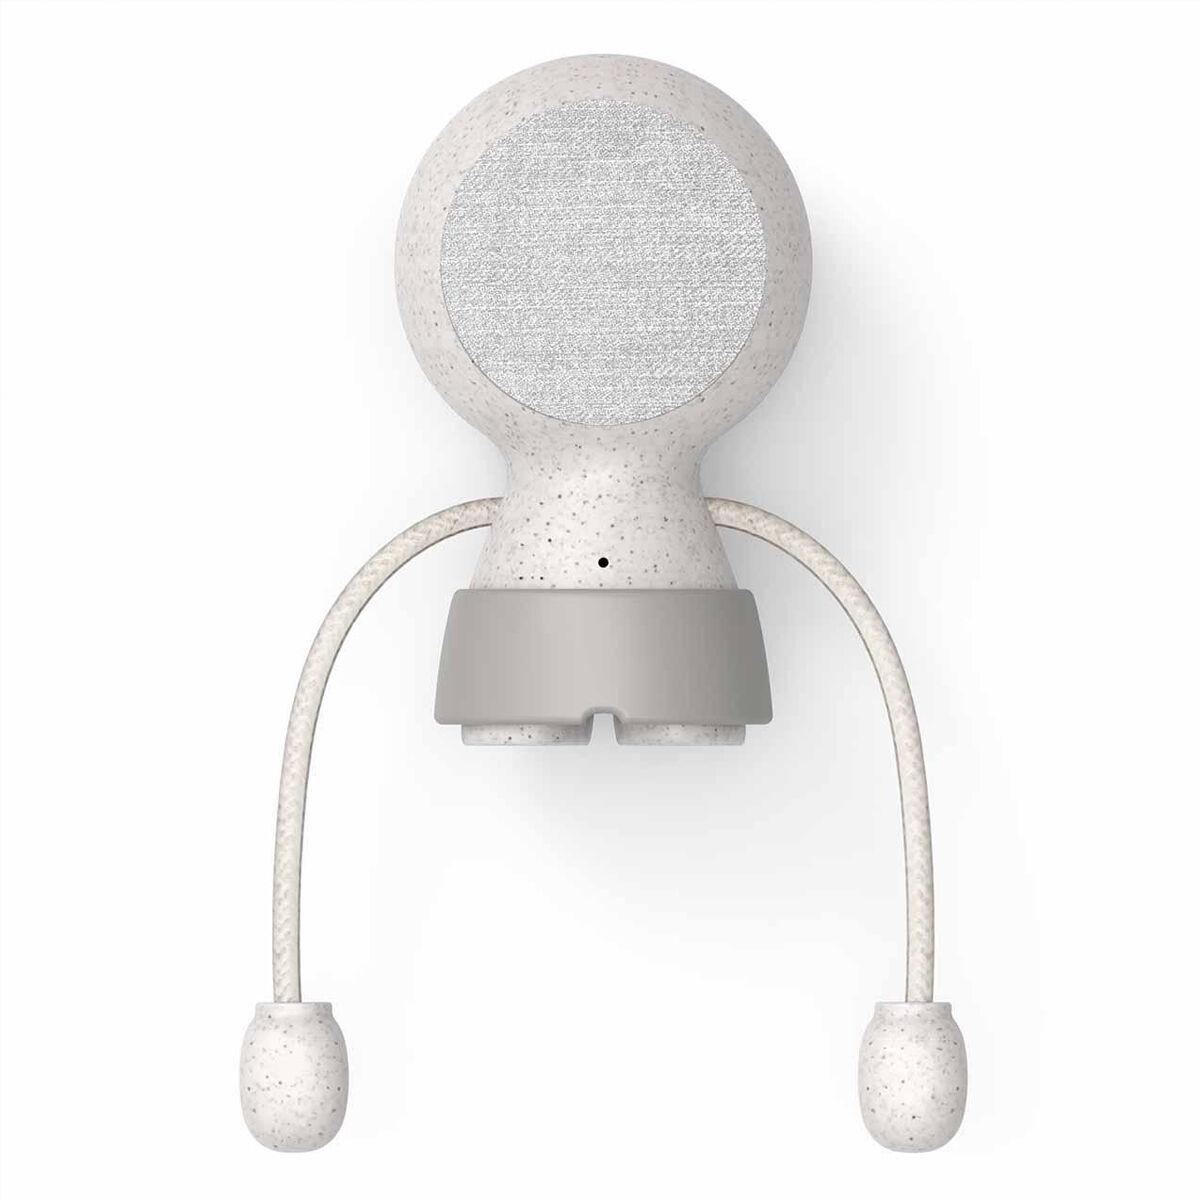 Xoopar Mr. Bio Wireless Speaker